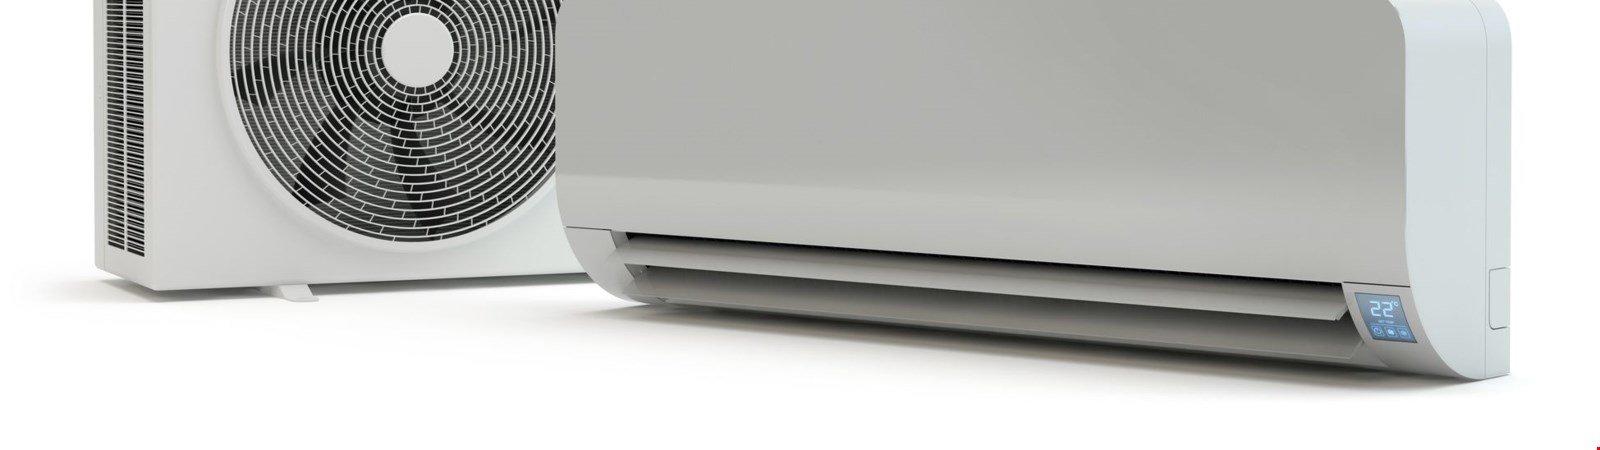 Split Klimaanlagen: Sparsam mit Inverter Technologie